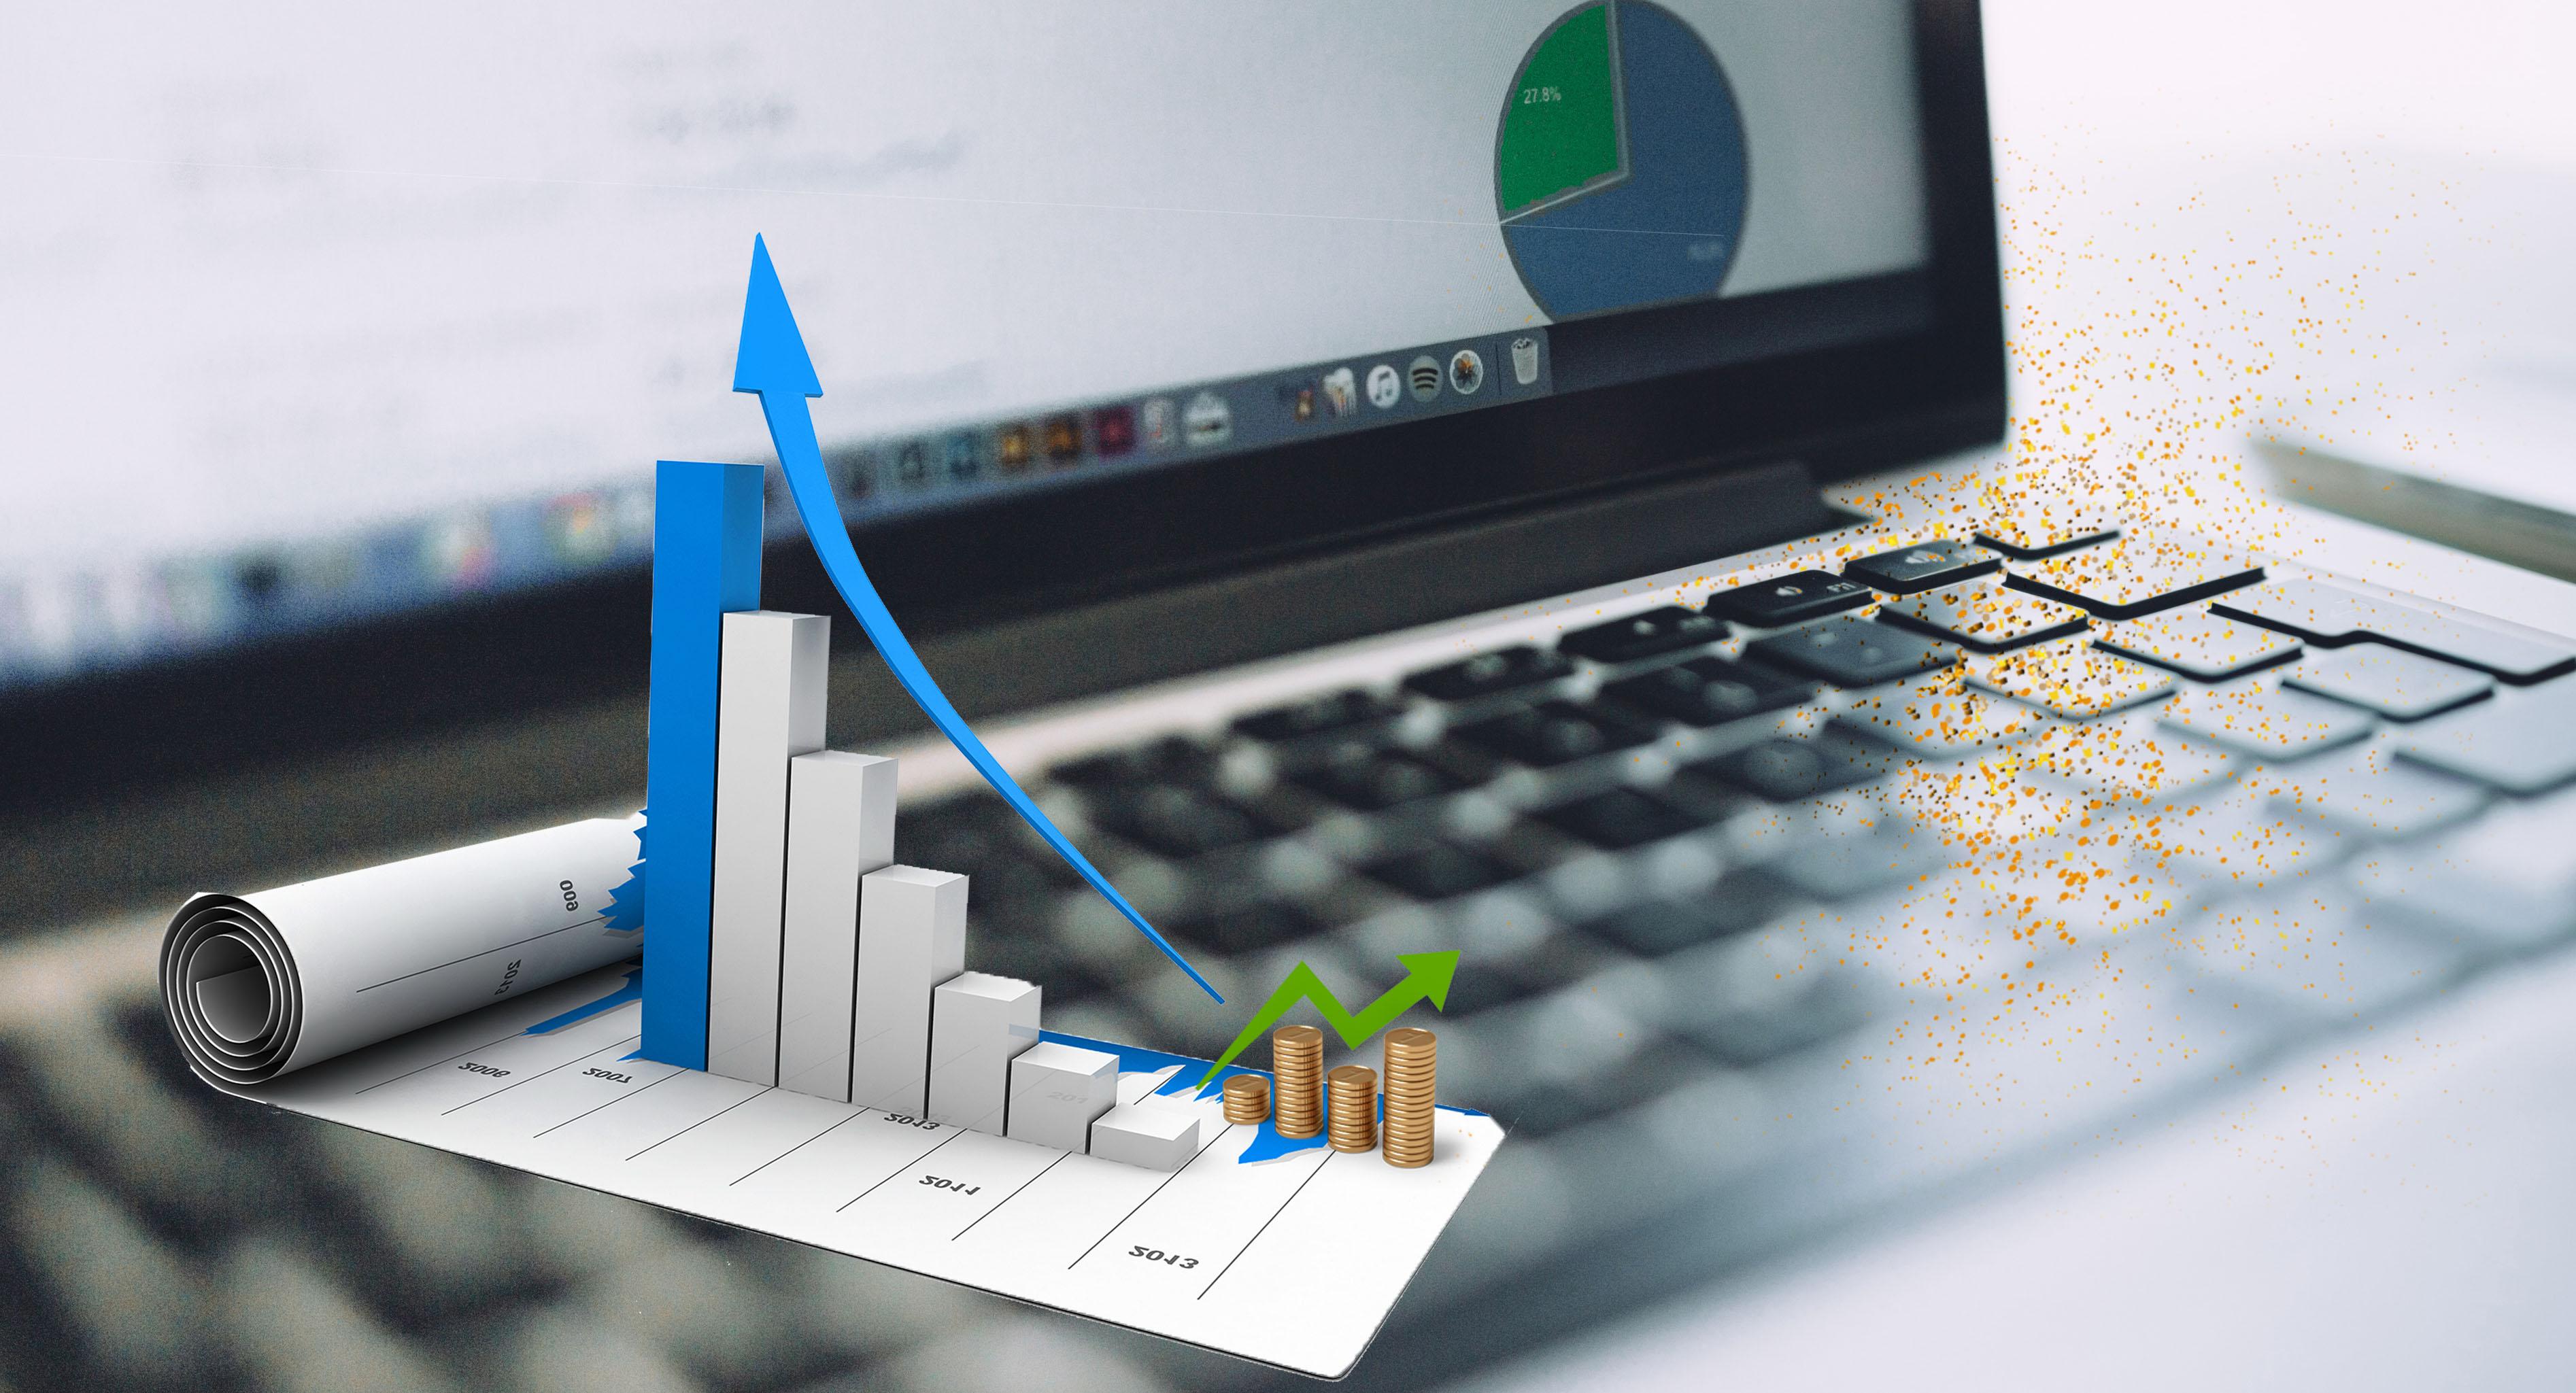 今日投资CEO殷子惠:智能投顾必将成为金融机构标配 | 爱分析访谈